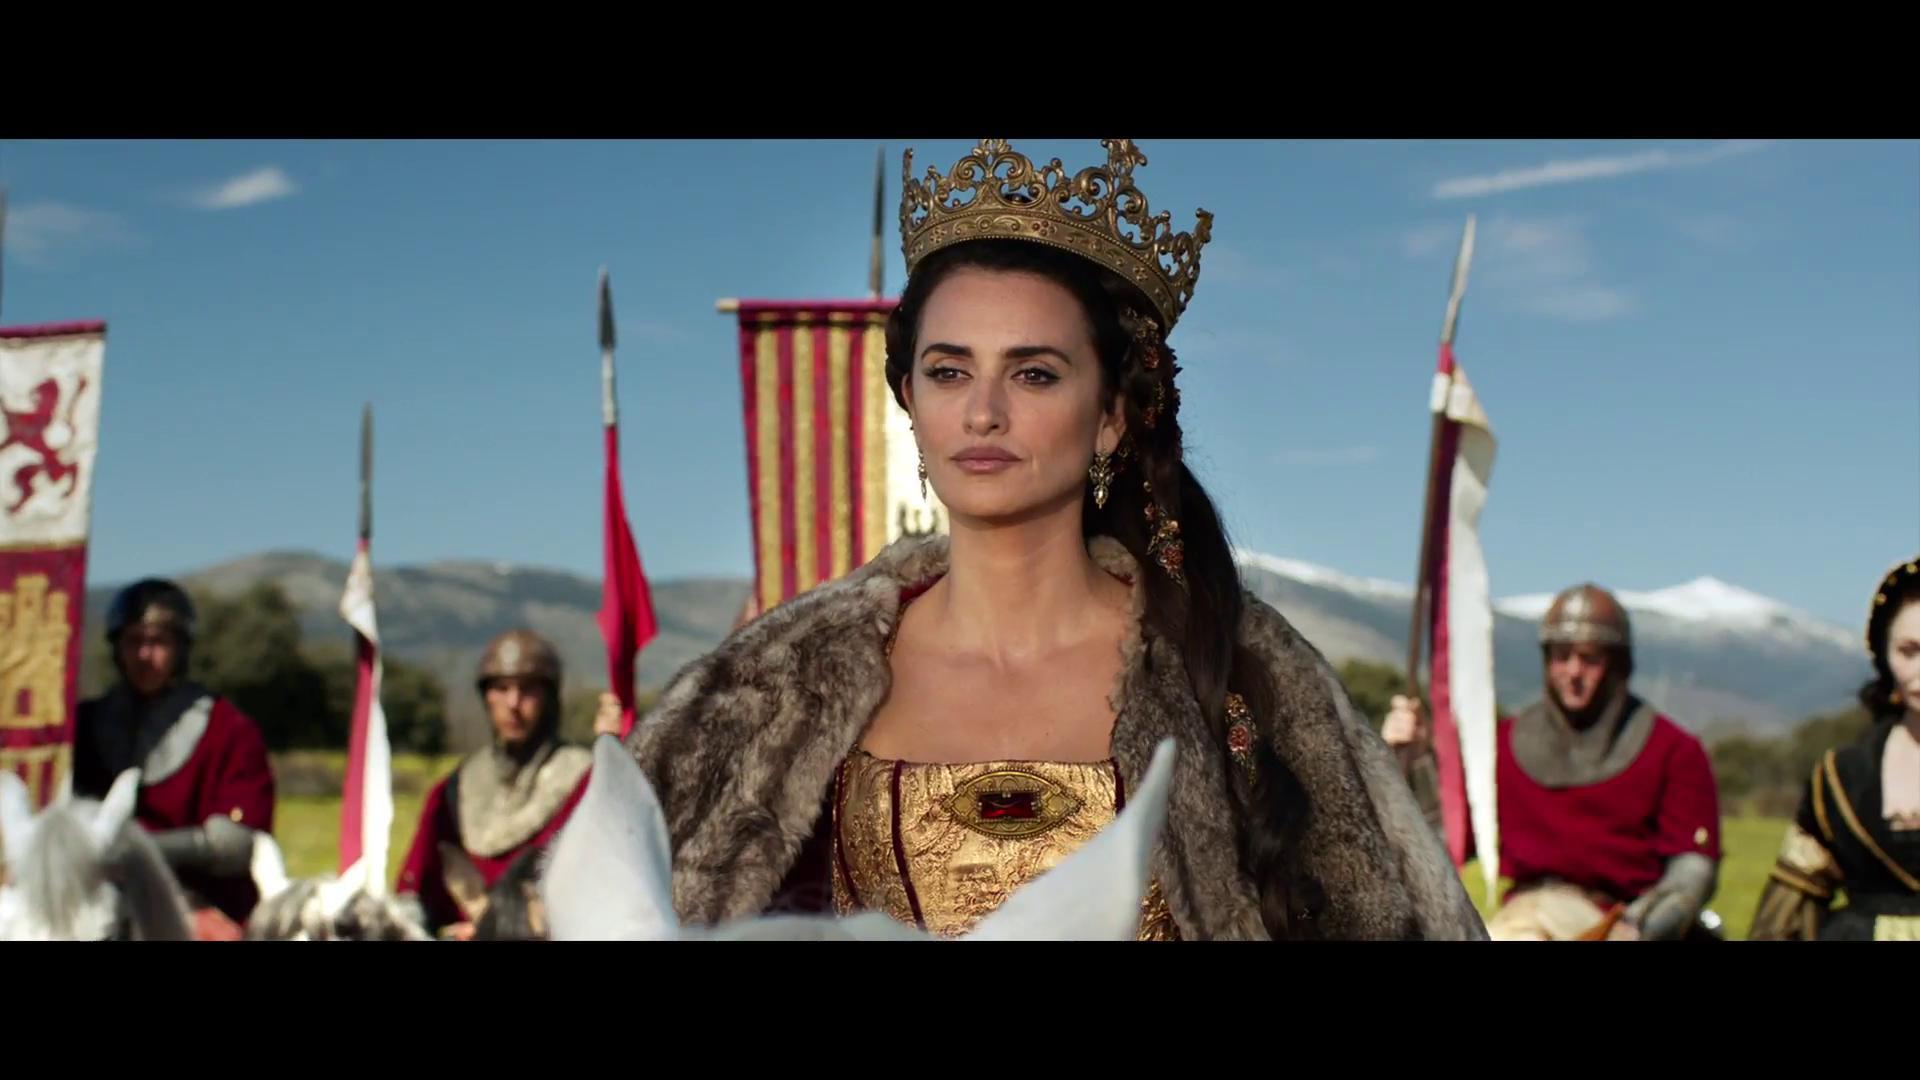 La Reina de Espana (3)